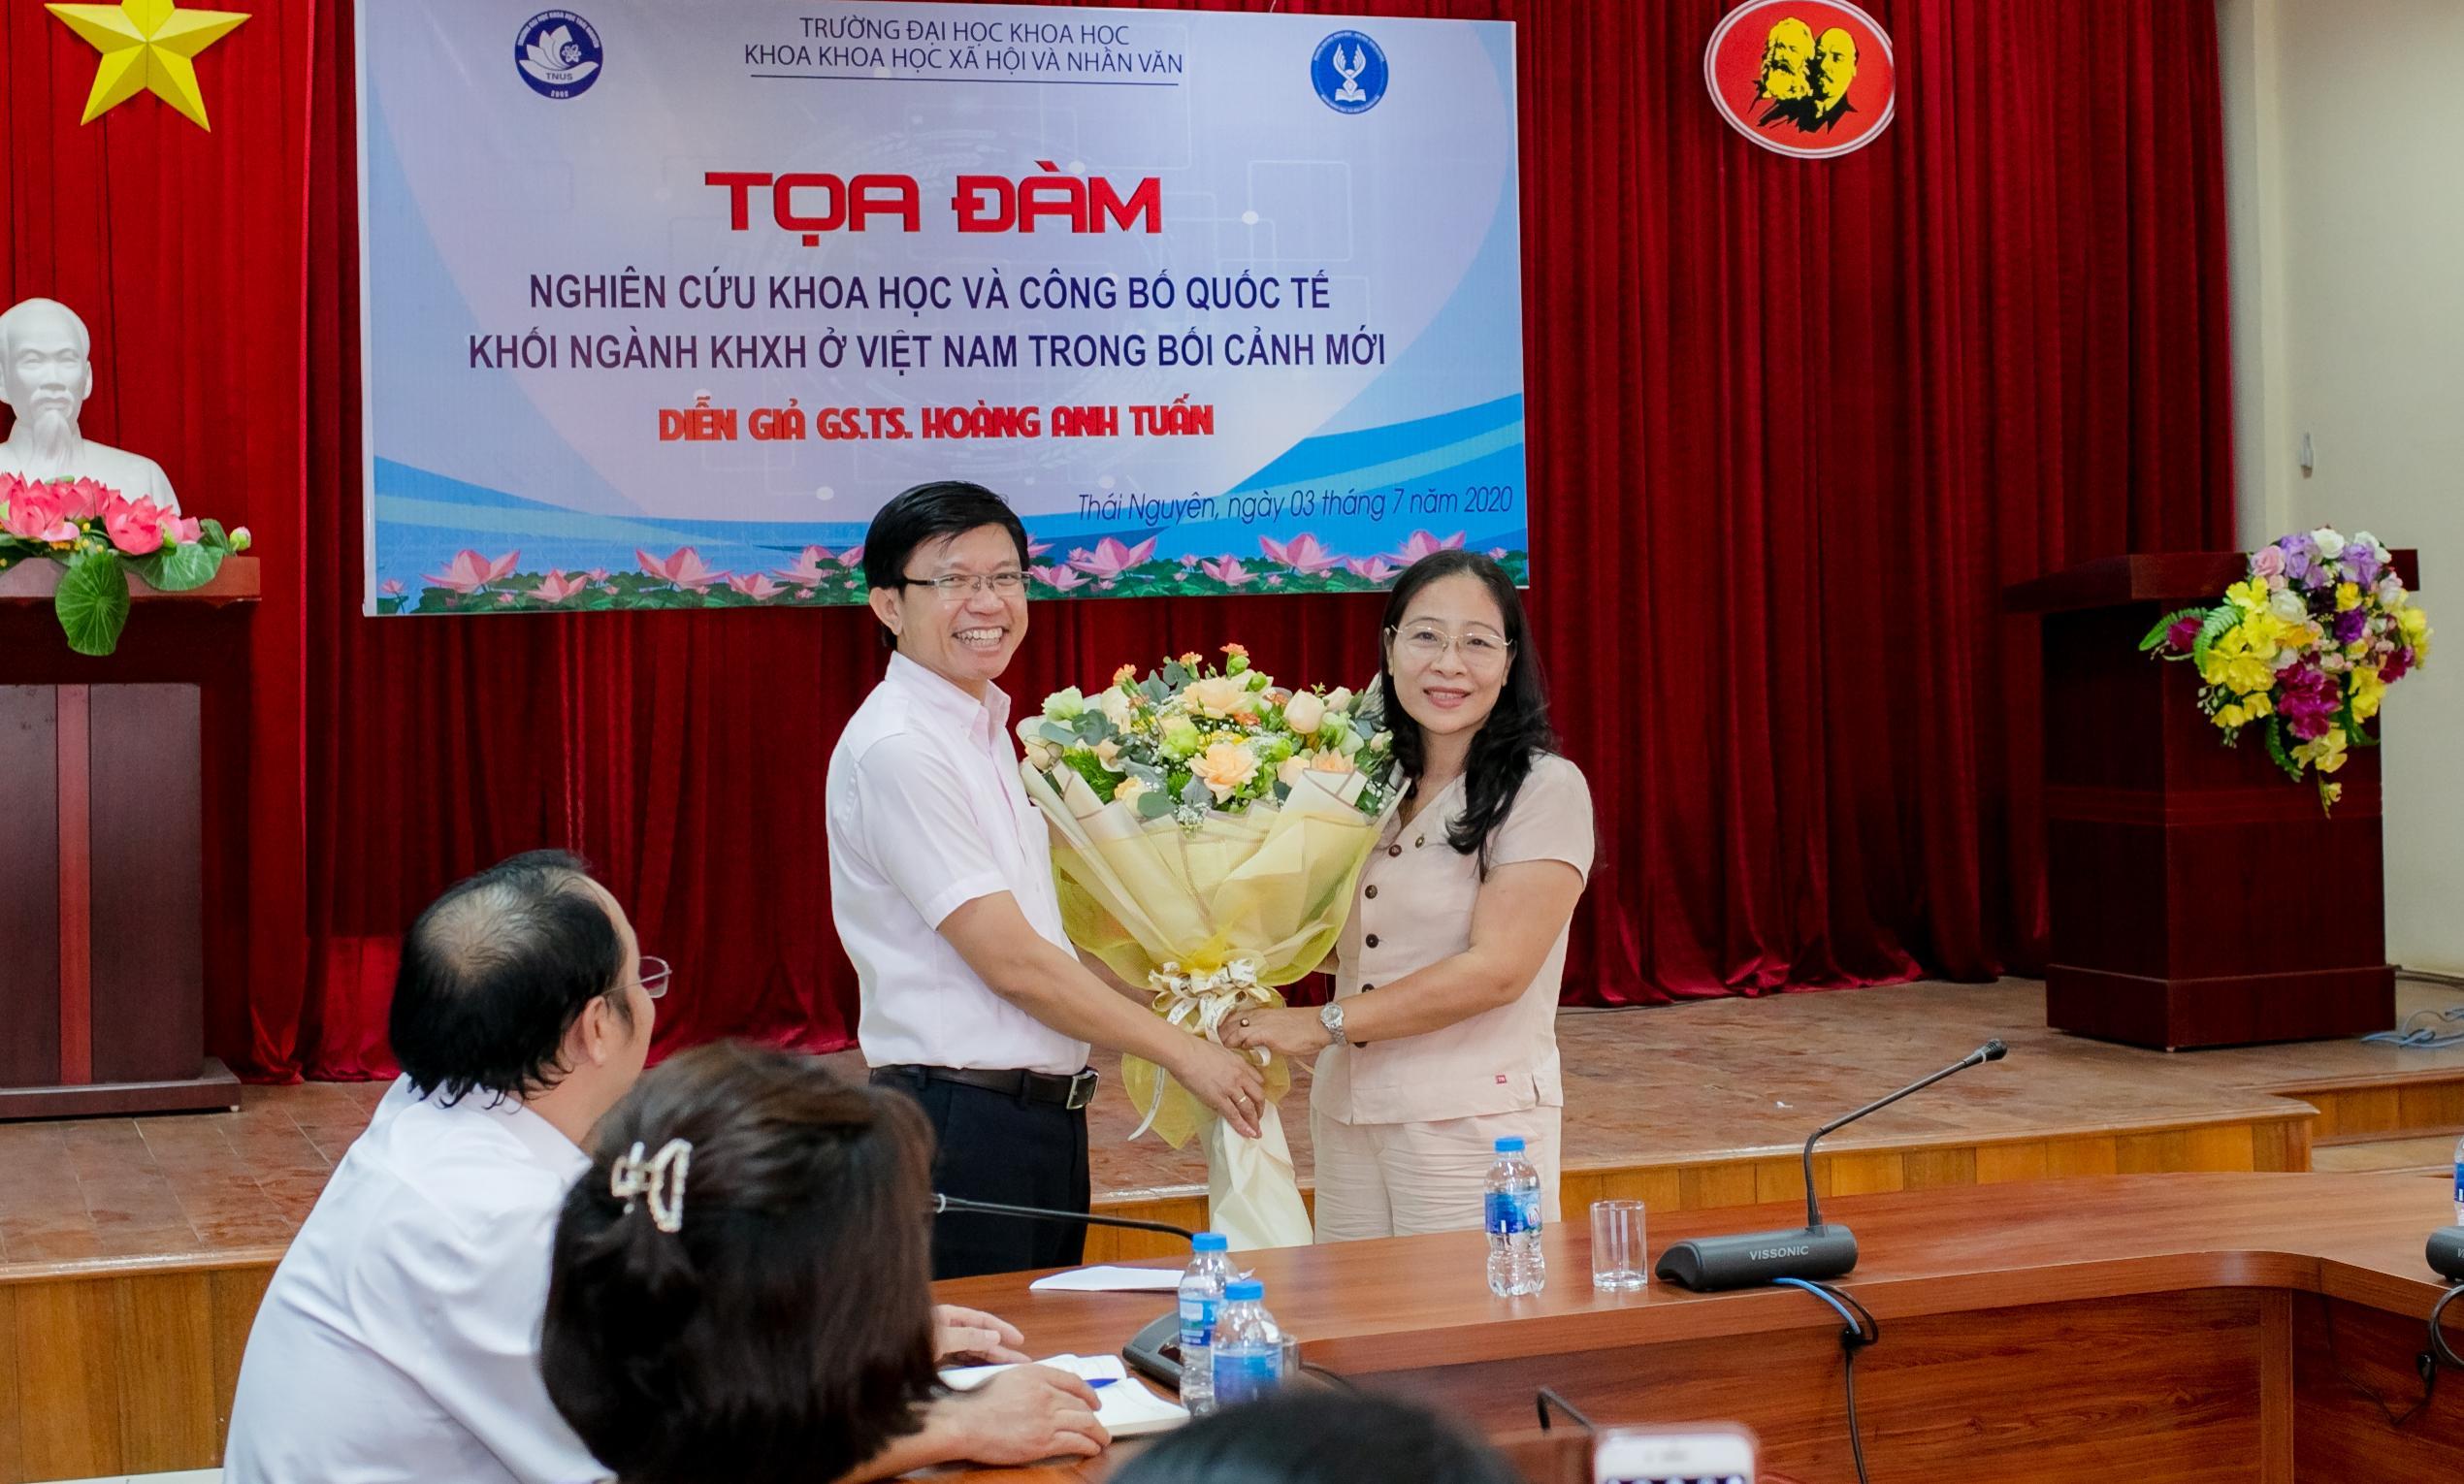 PGS. TS. Phạm Thị Phương Thái tặng hoa cảm ơn GS. Hoàng Anh Tuấn